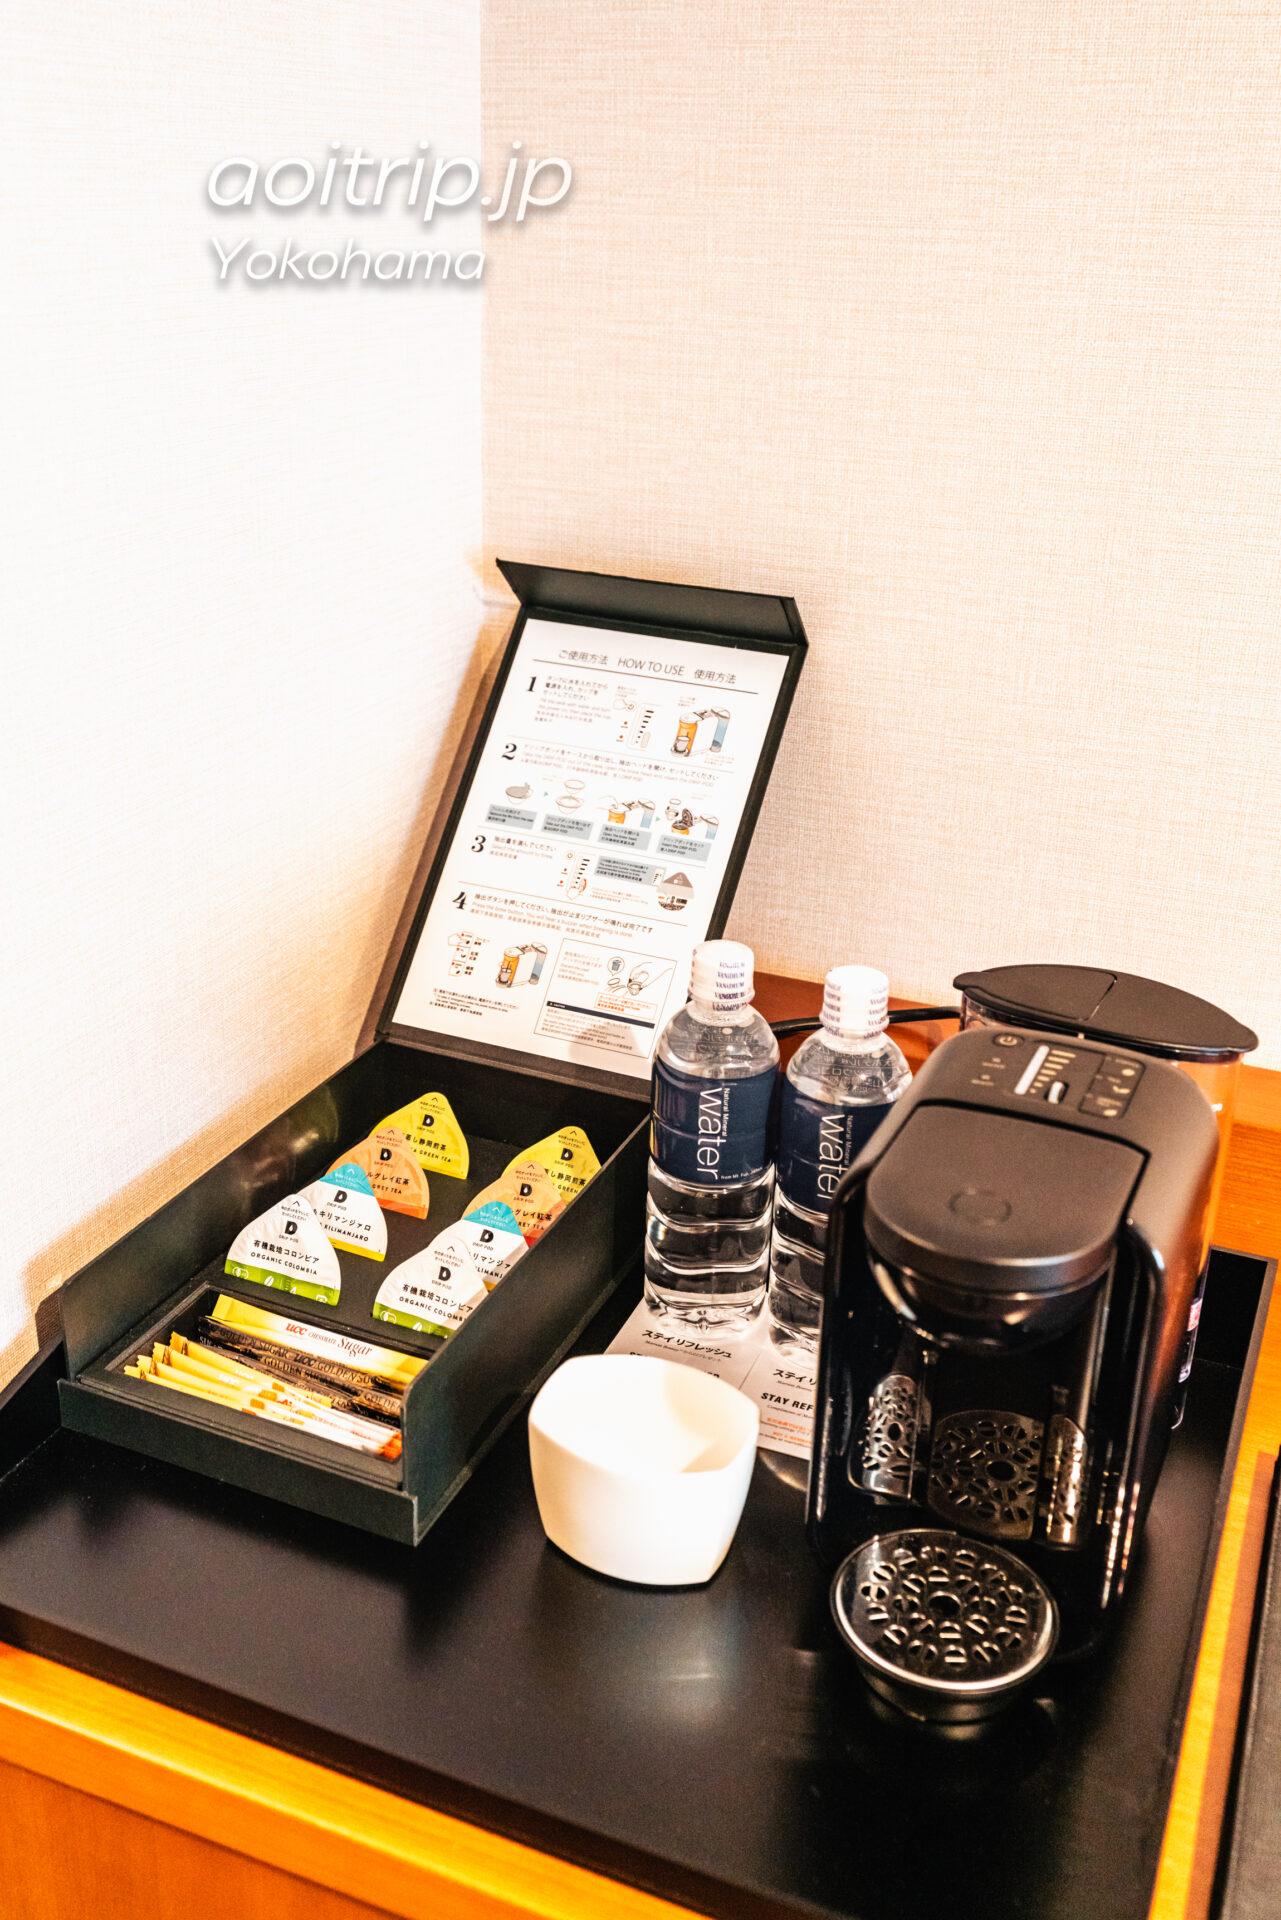 横浜ベイシェラトン ホテル&タワーズ 宿泊記|Yokohama Bay Sheraton Hotel & Towers ラグジュアリー デラックス キング Luxury Deluxe King